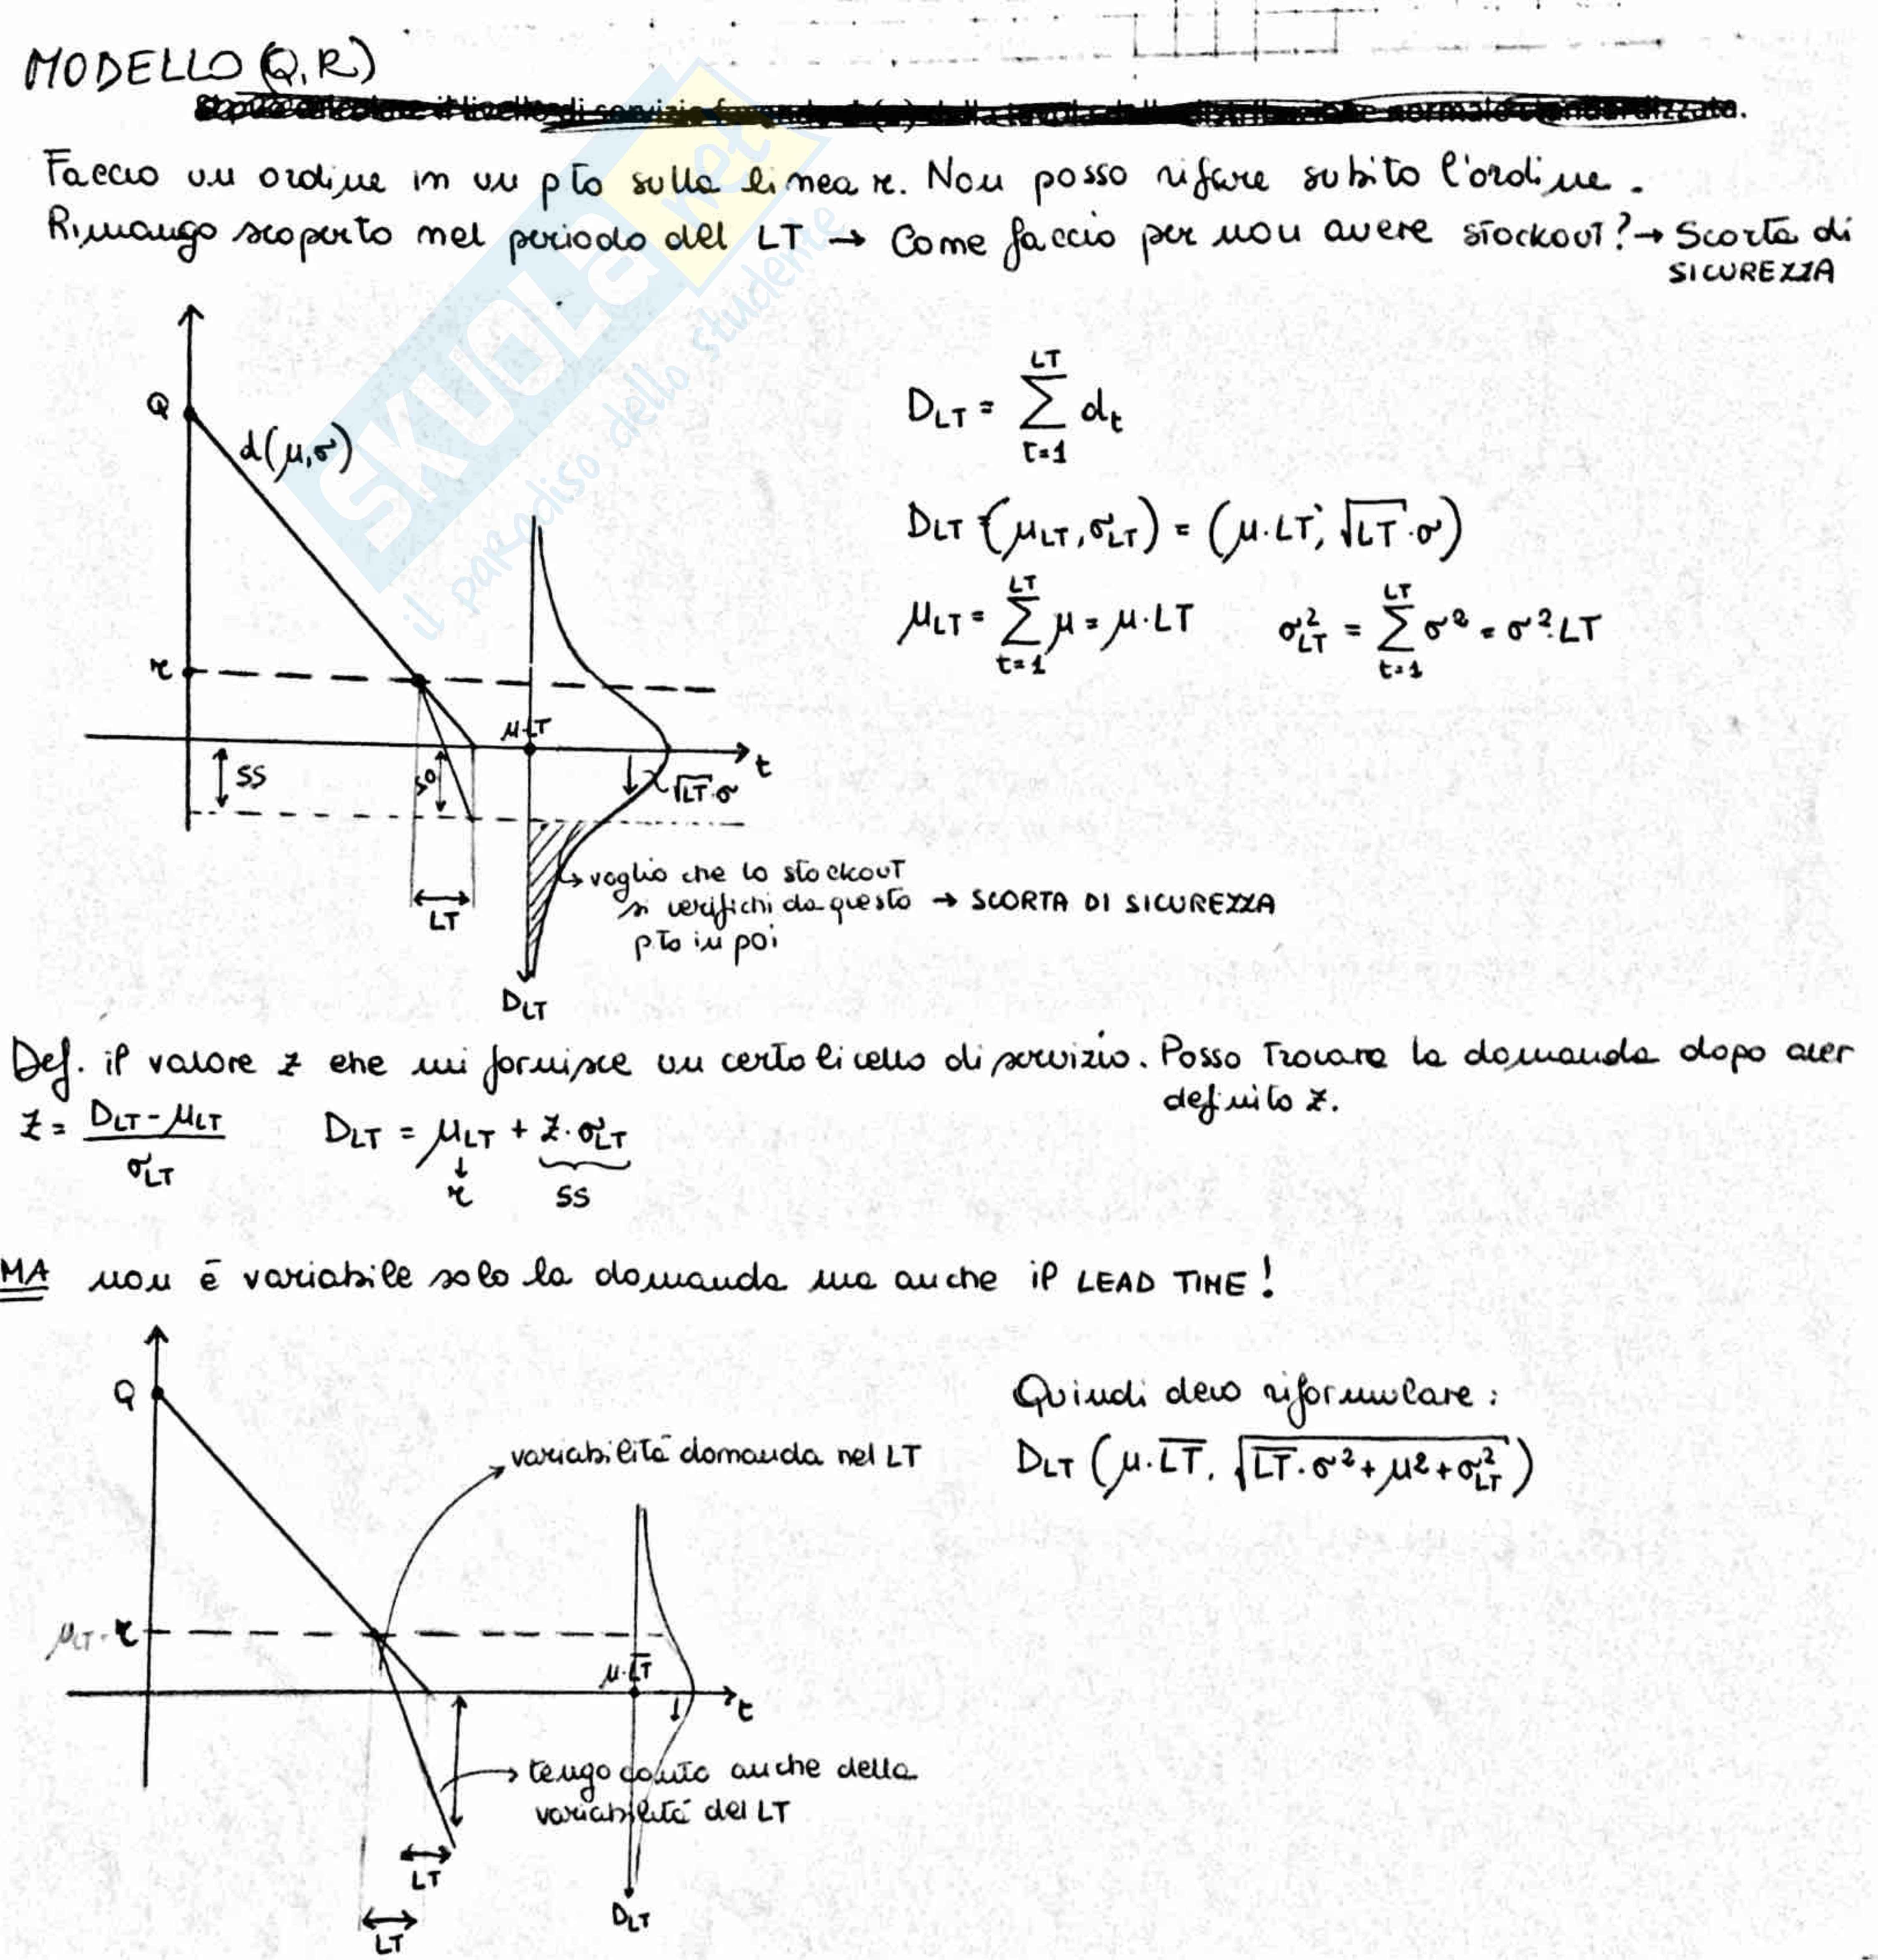 Programmazione e gestione della produzione, Chiabert - Esempi ed Esercizi Pag. 21